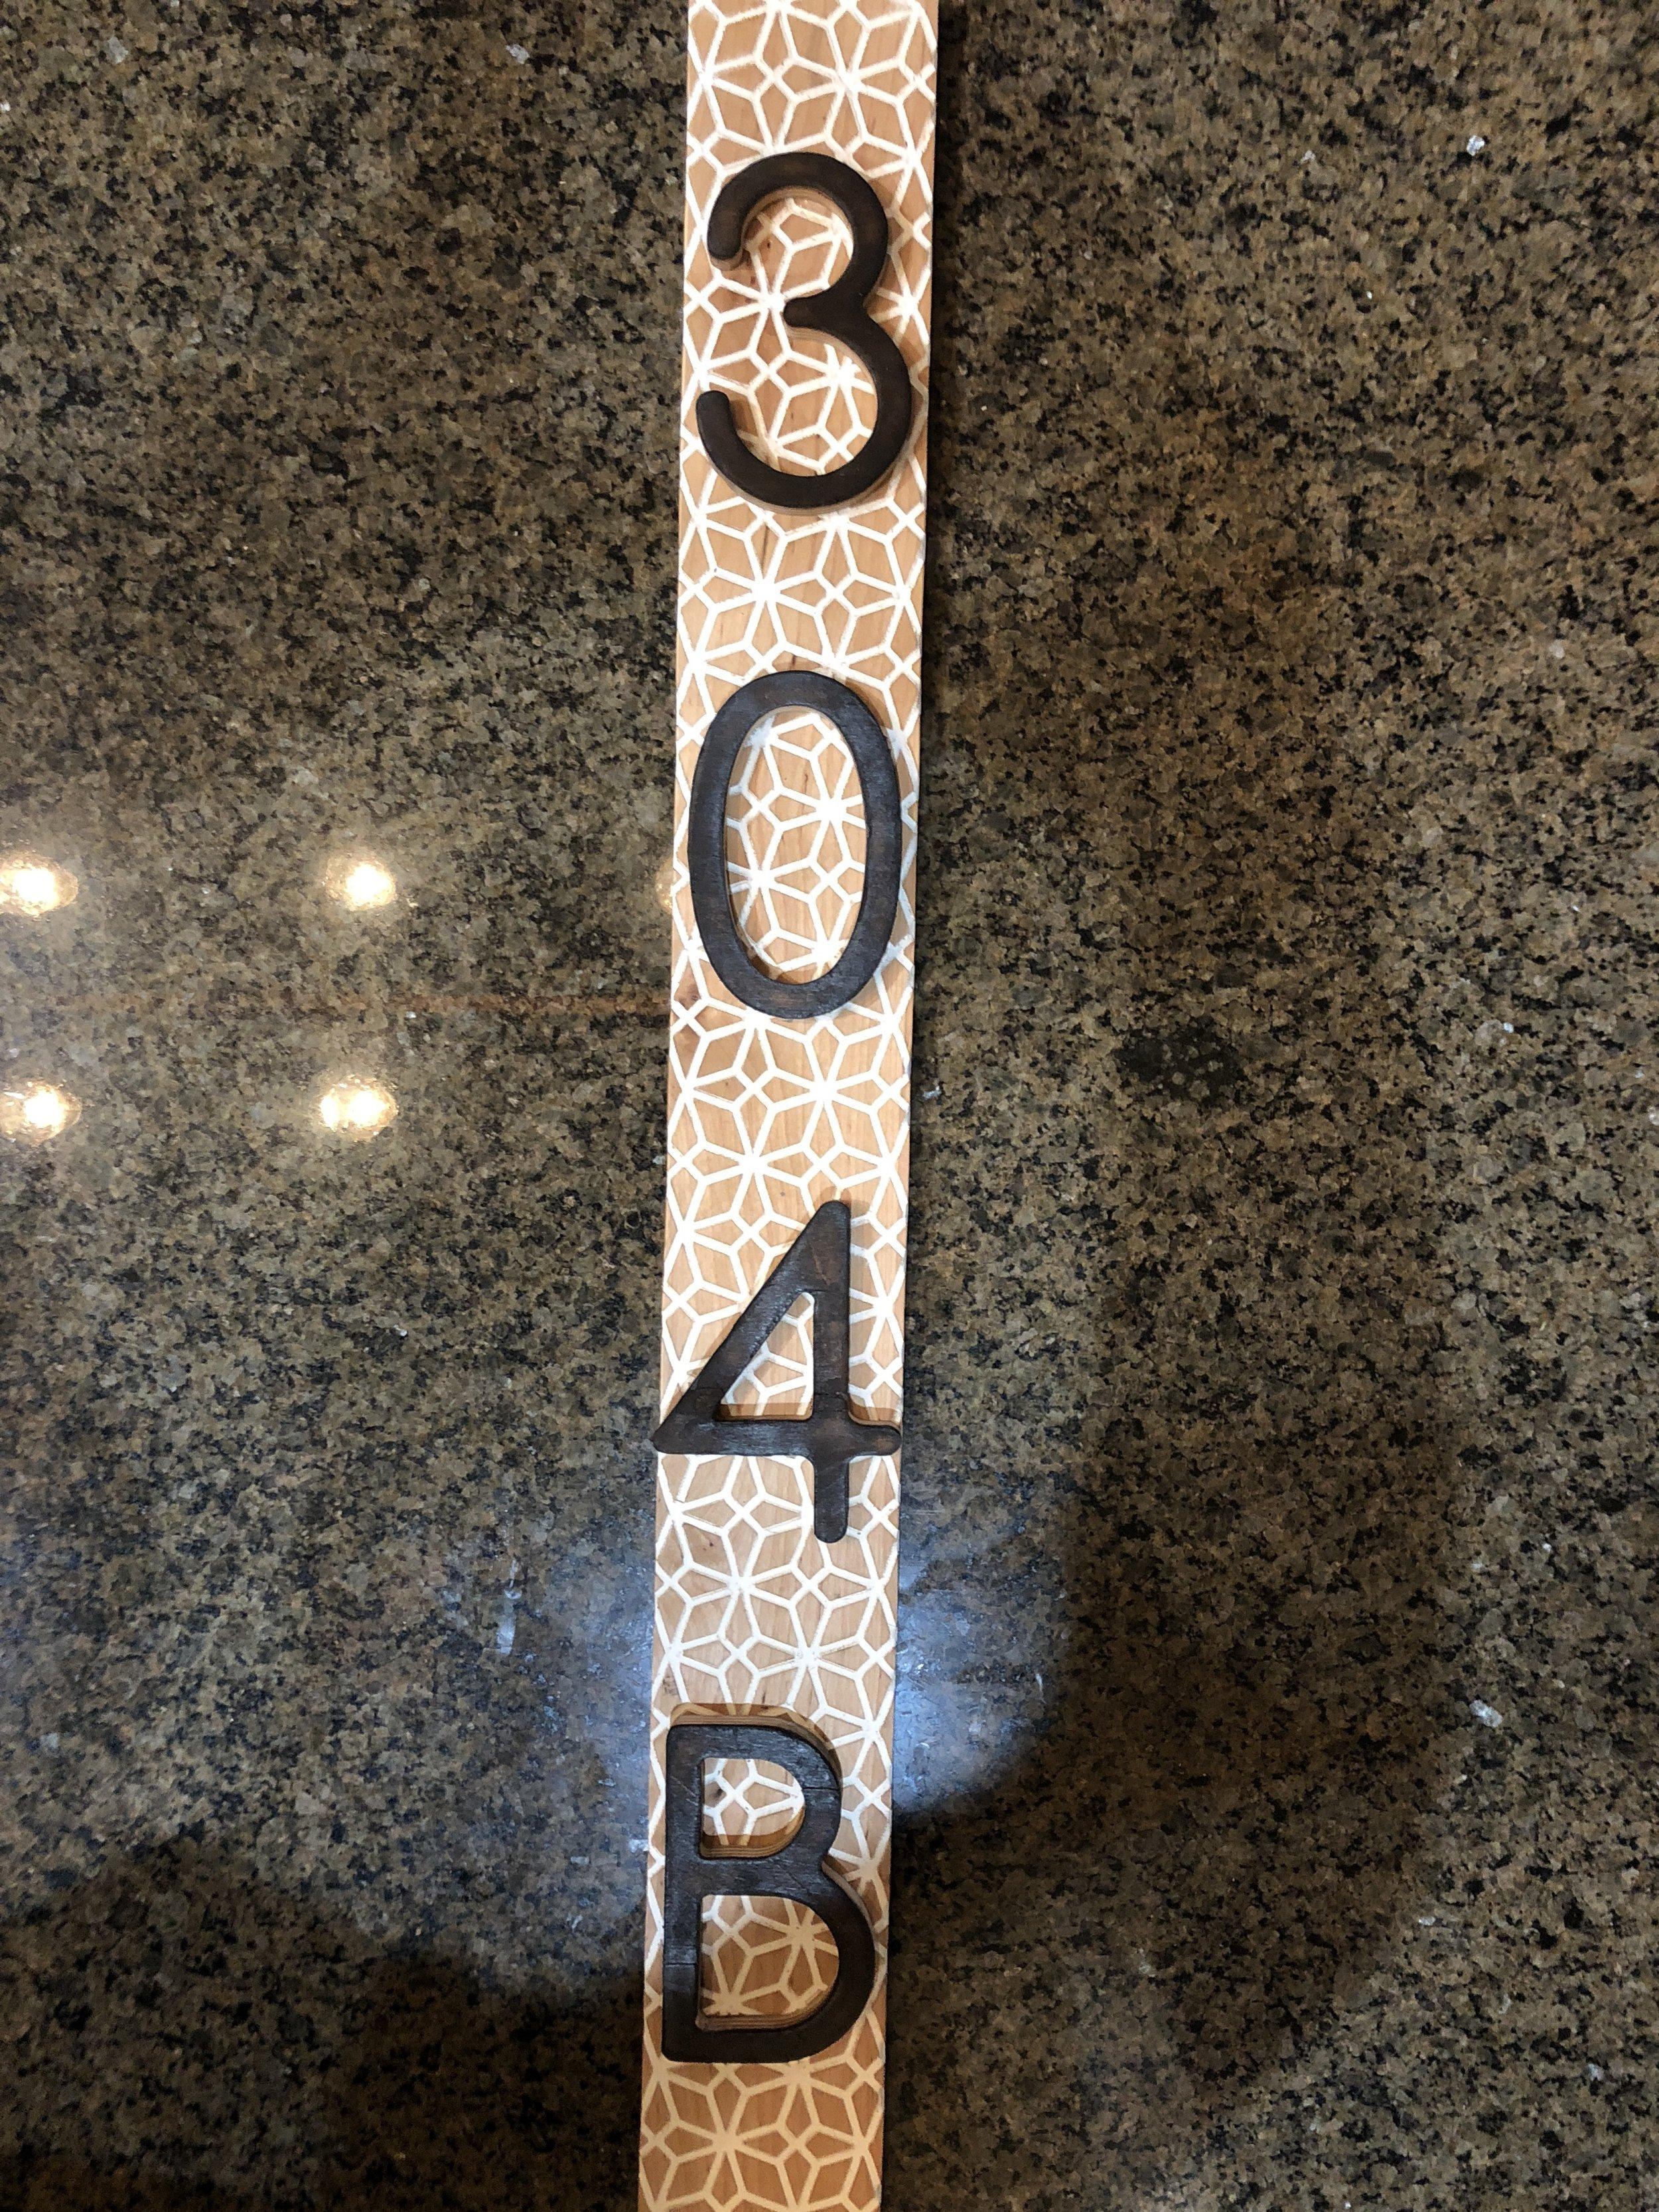 clintloggins engraving number.jpg